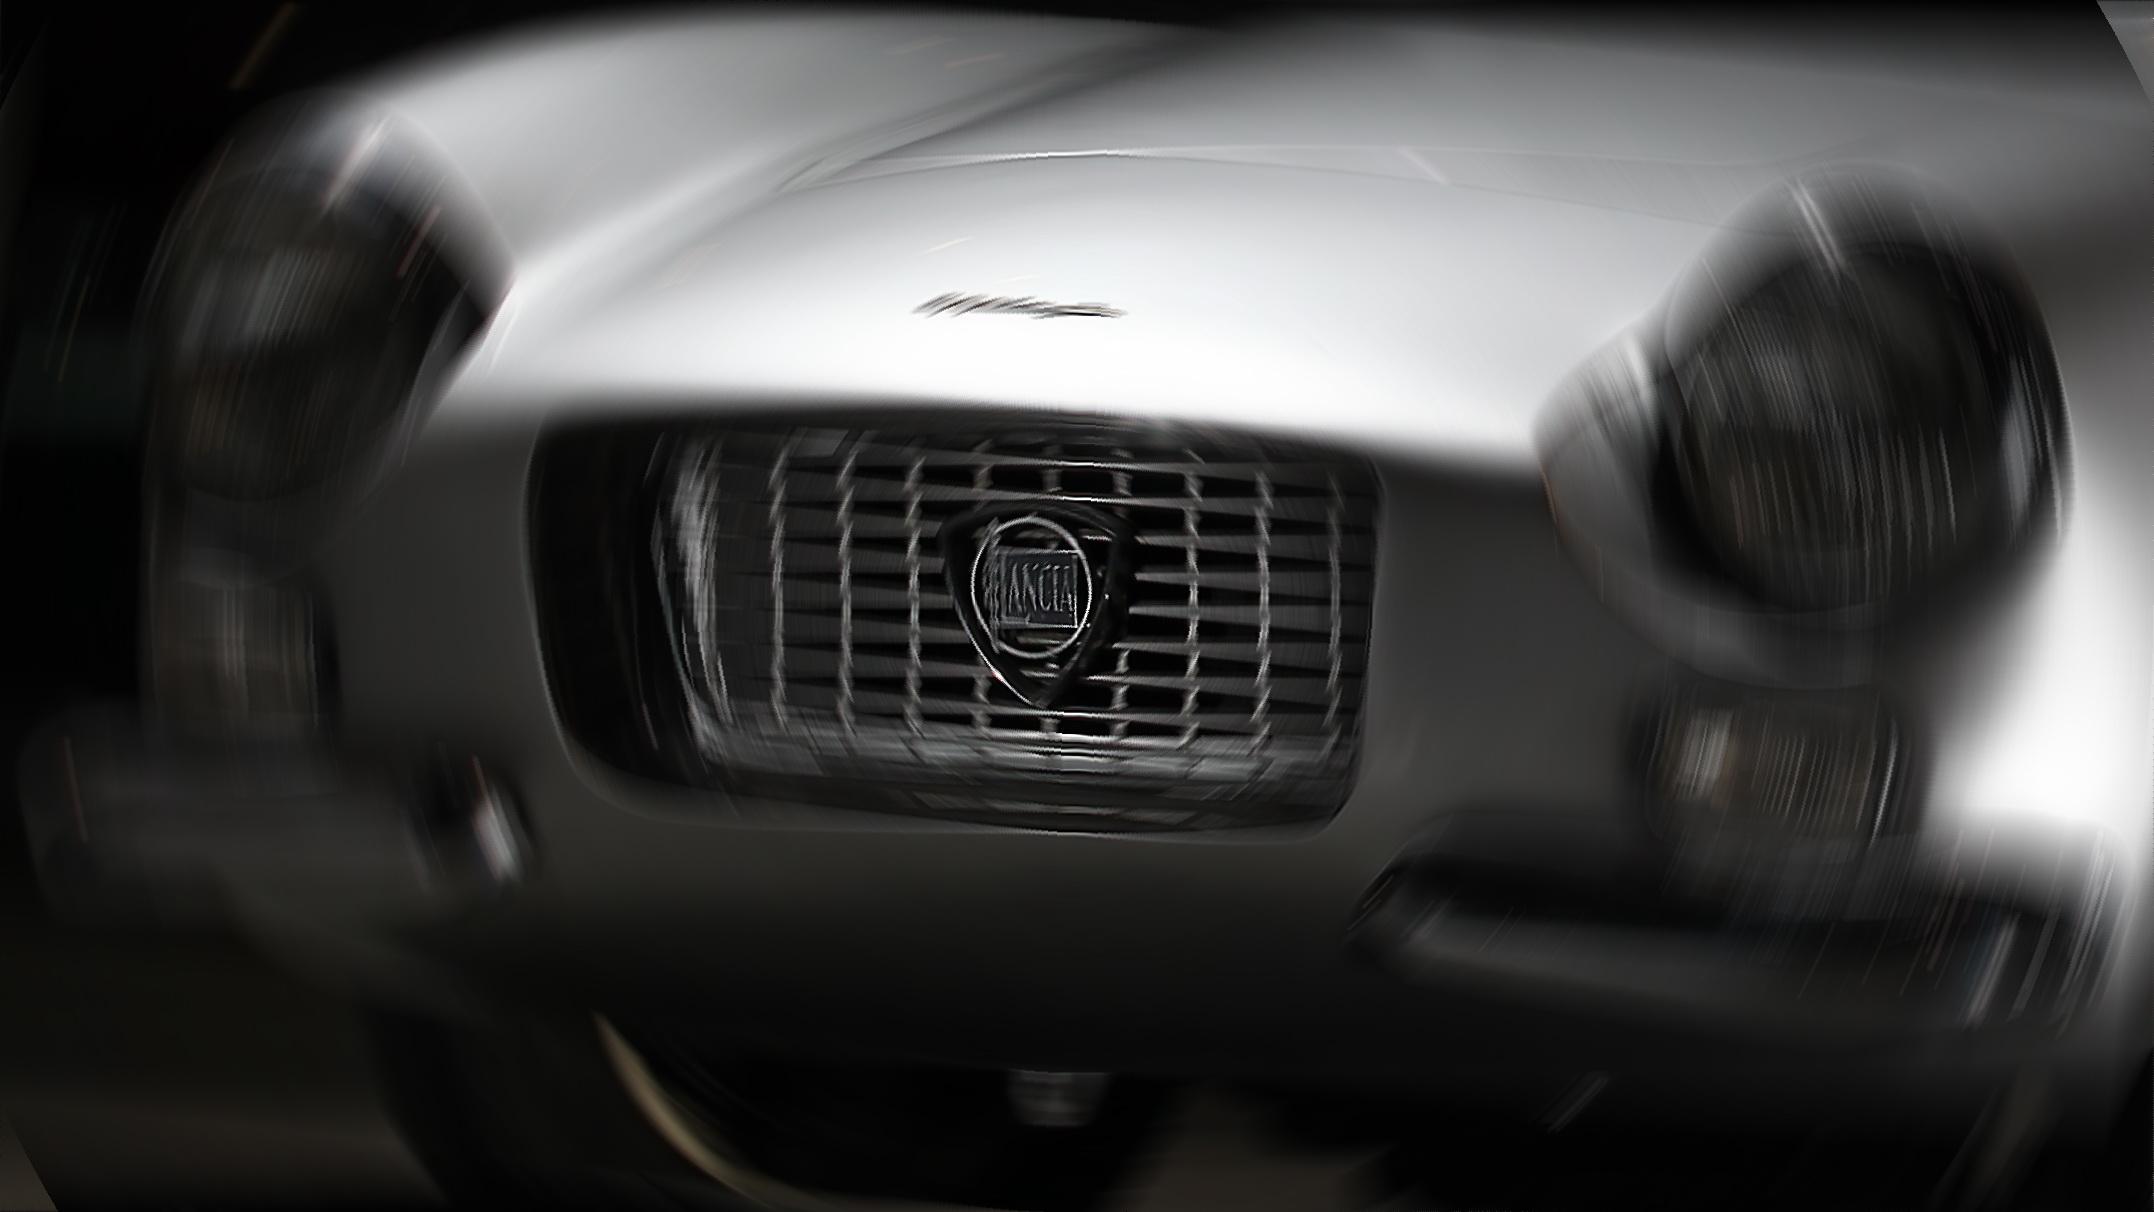 20 λόγοι που η Lancia άξιζε καλύτερης τύχης! [vids]